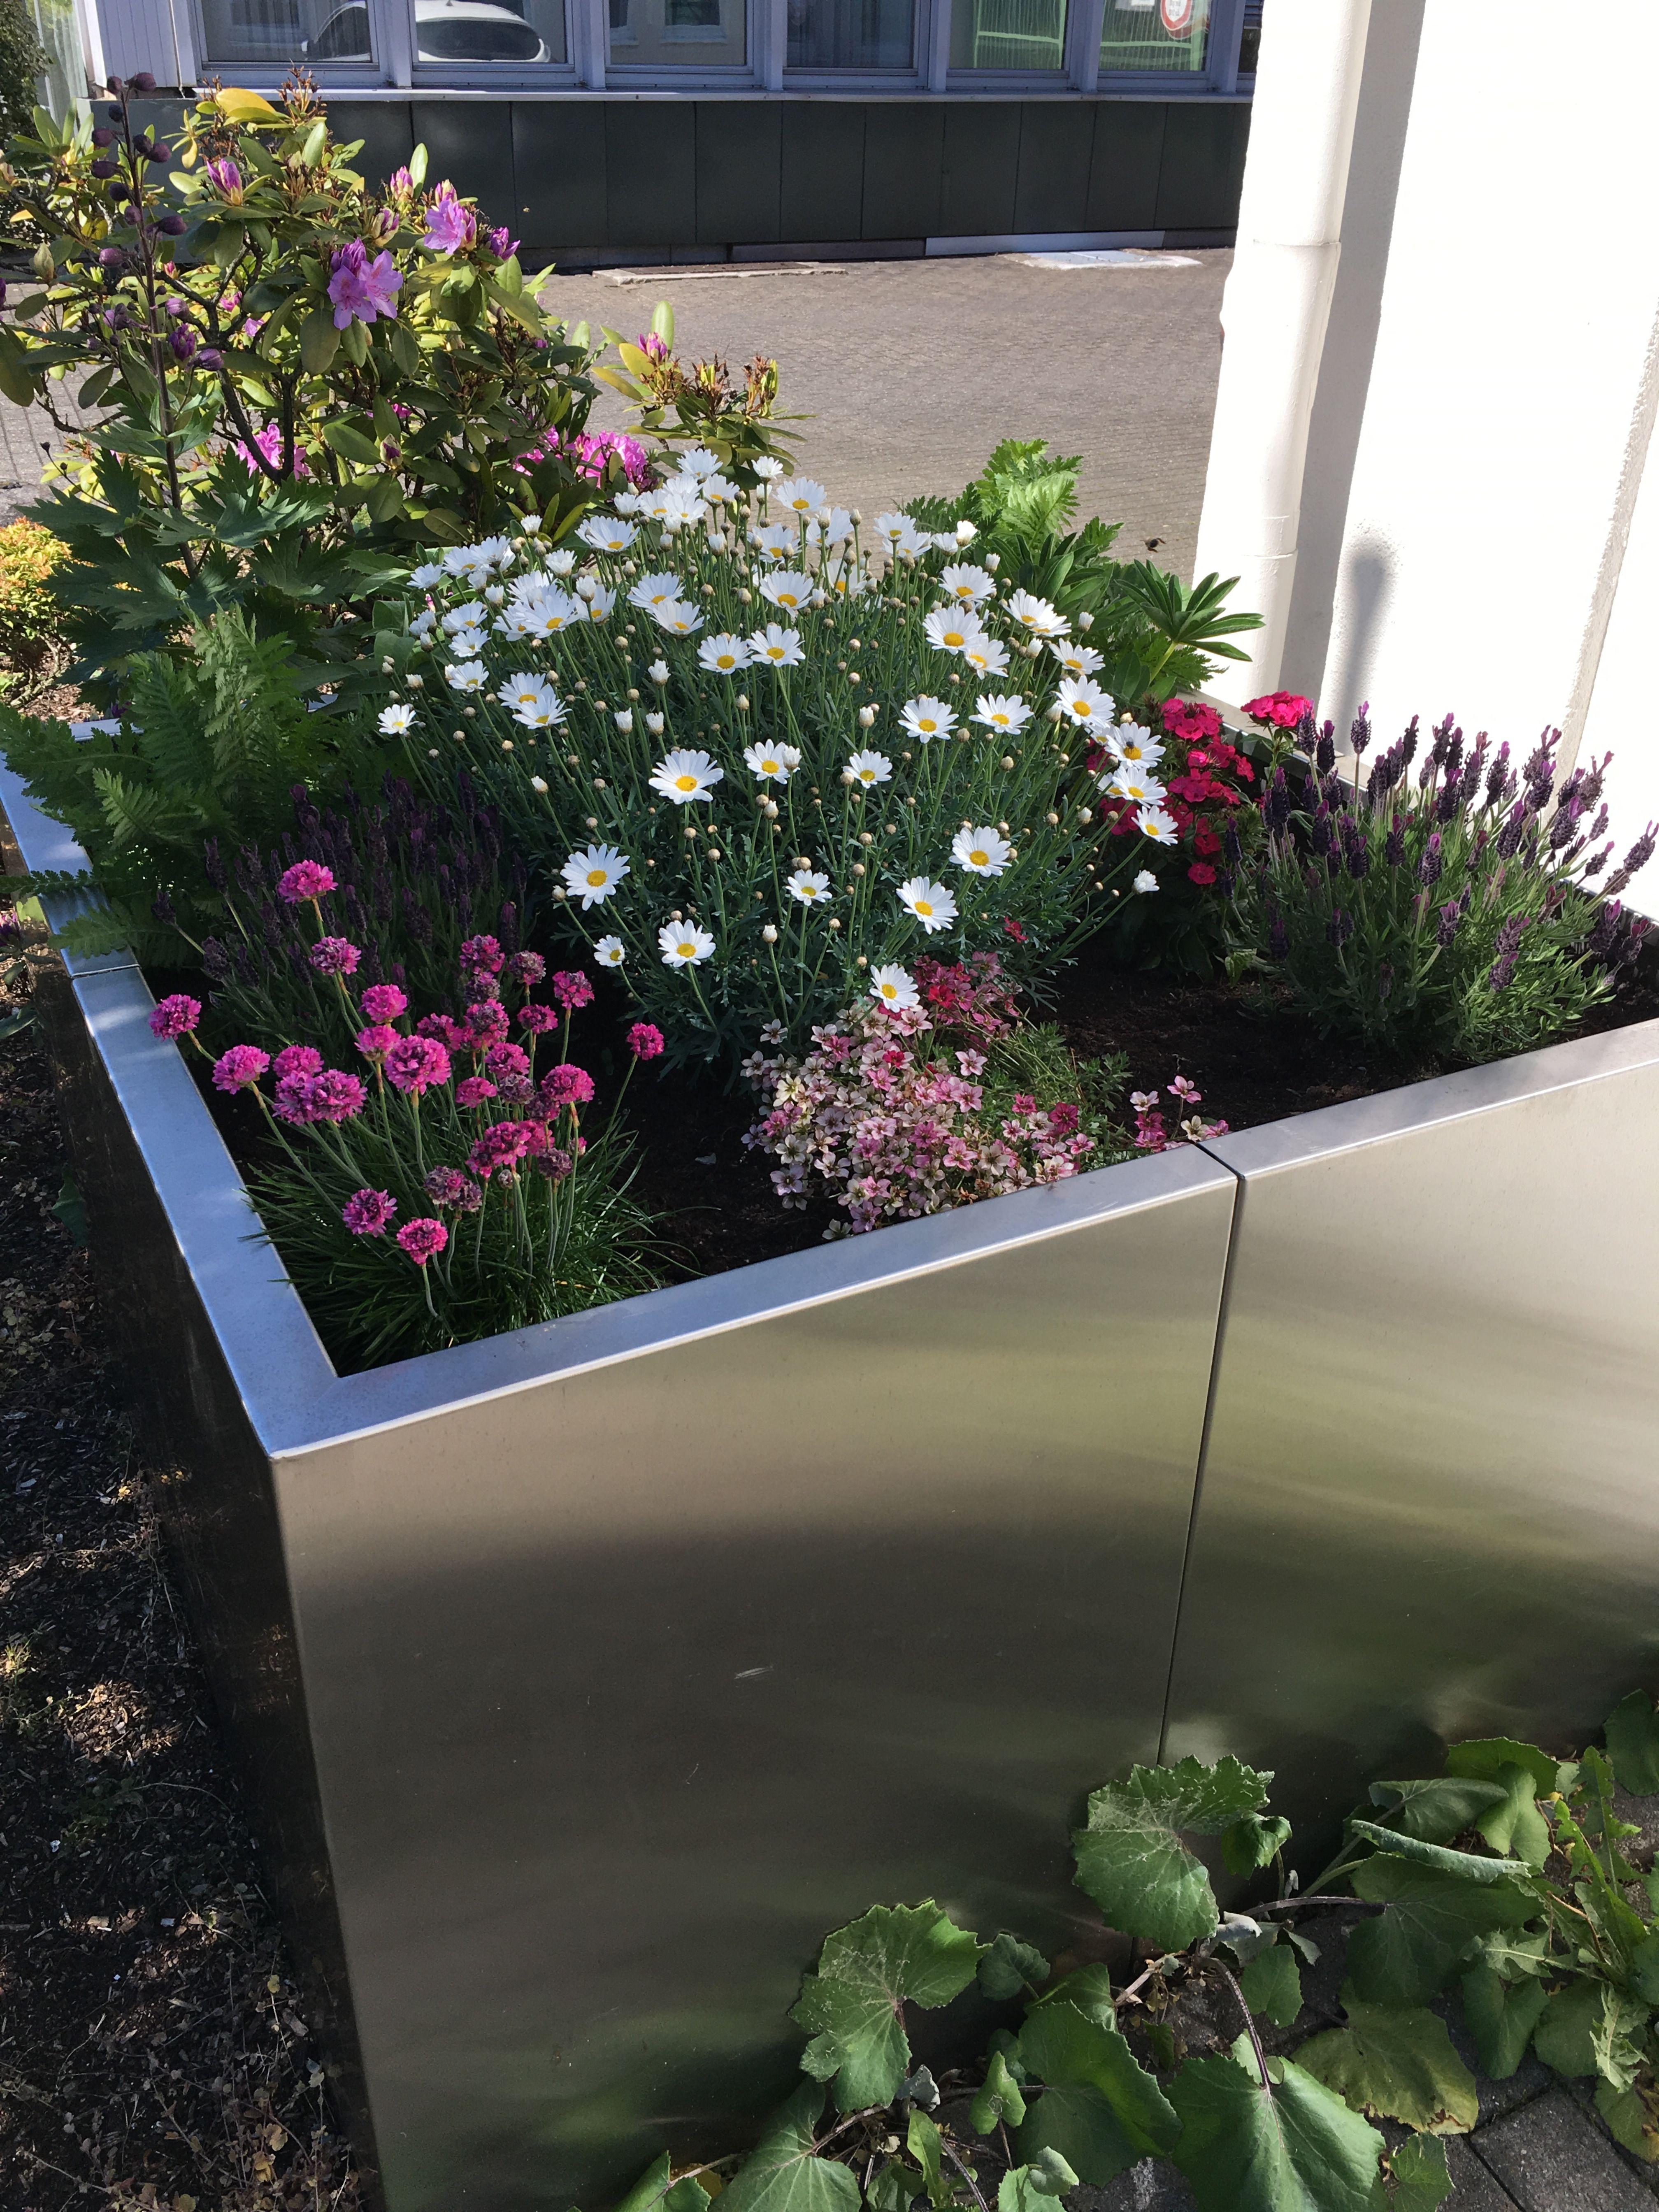 Der Rucken Sagt Danke Hochbeete Von Lizzy Heinen Hochbeet Pflanzen Gartengestaltung